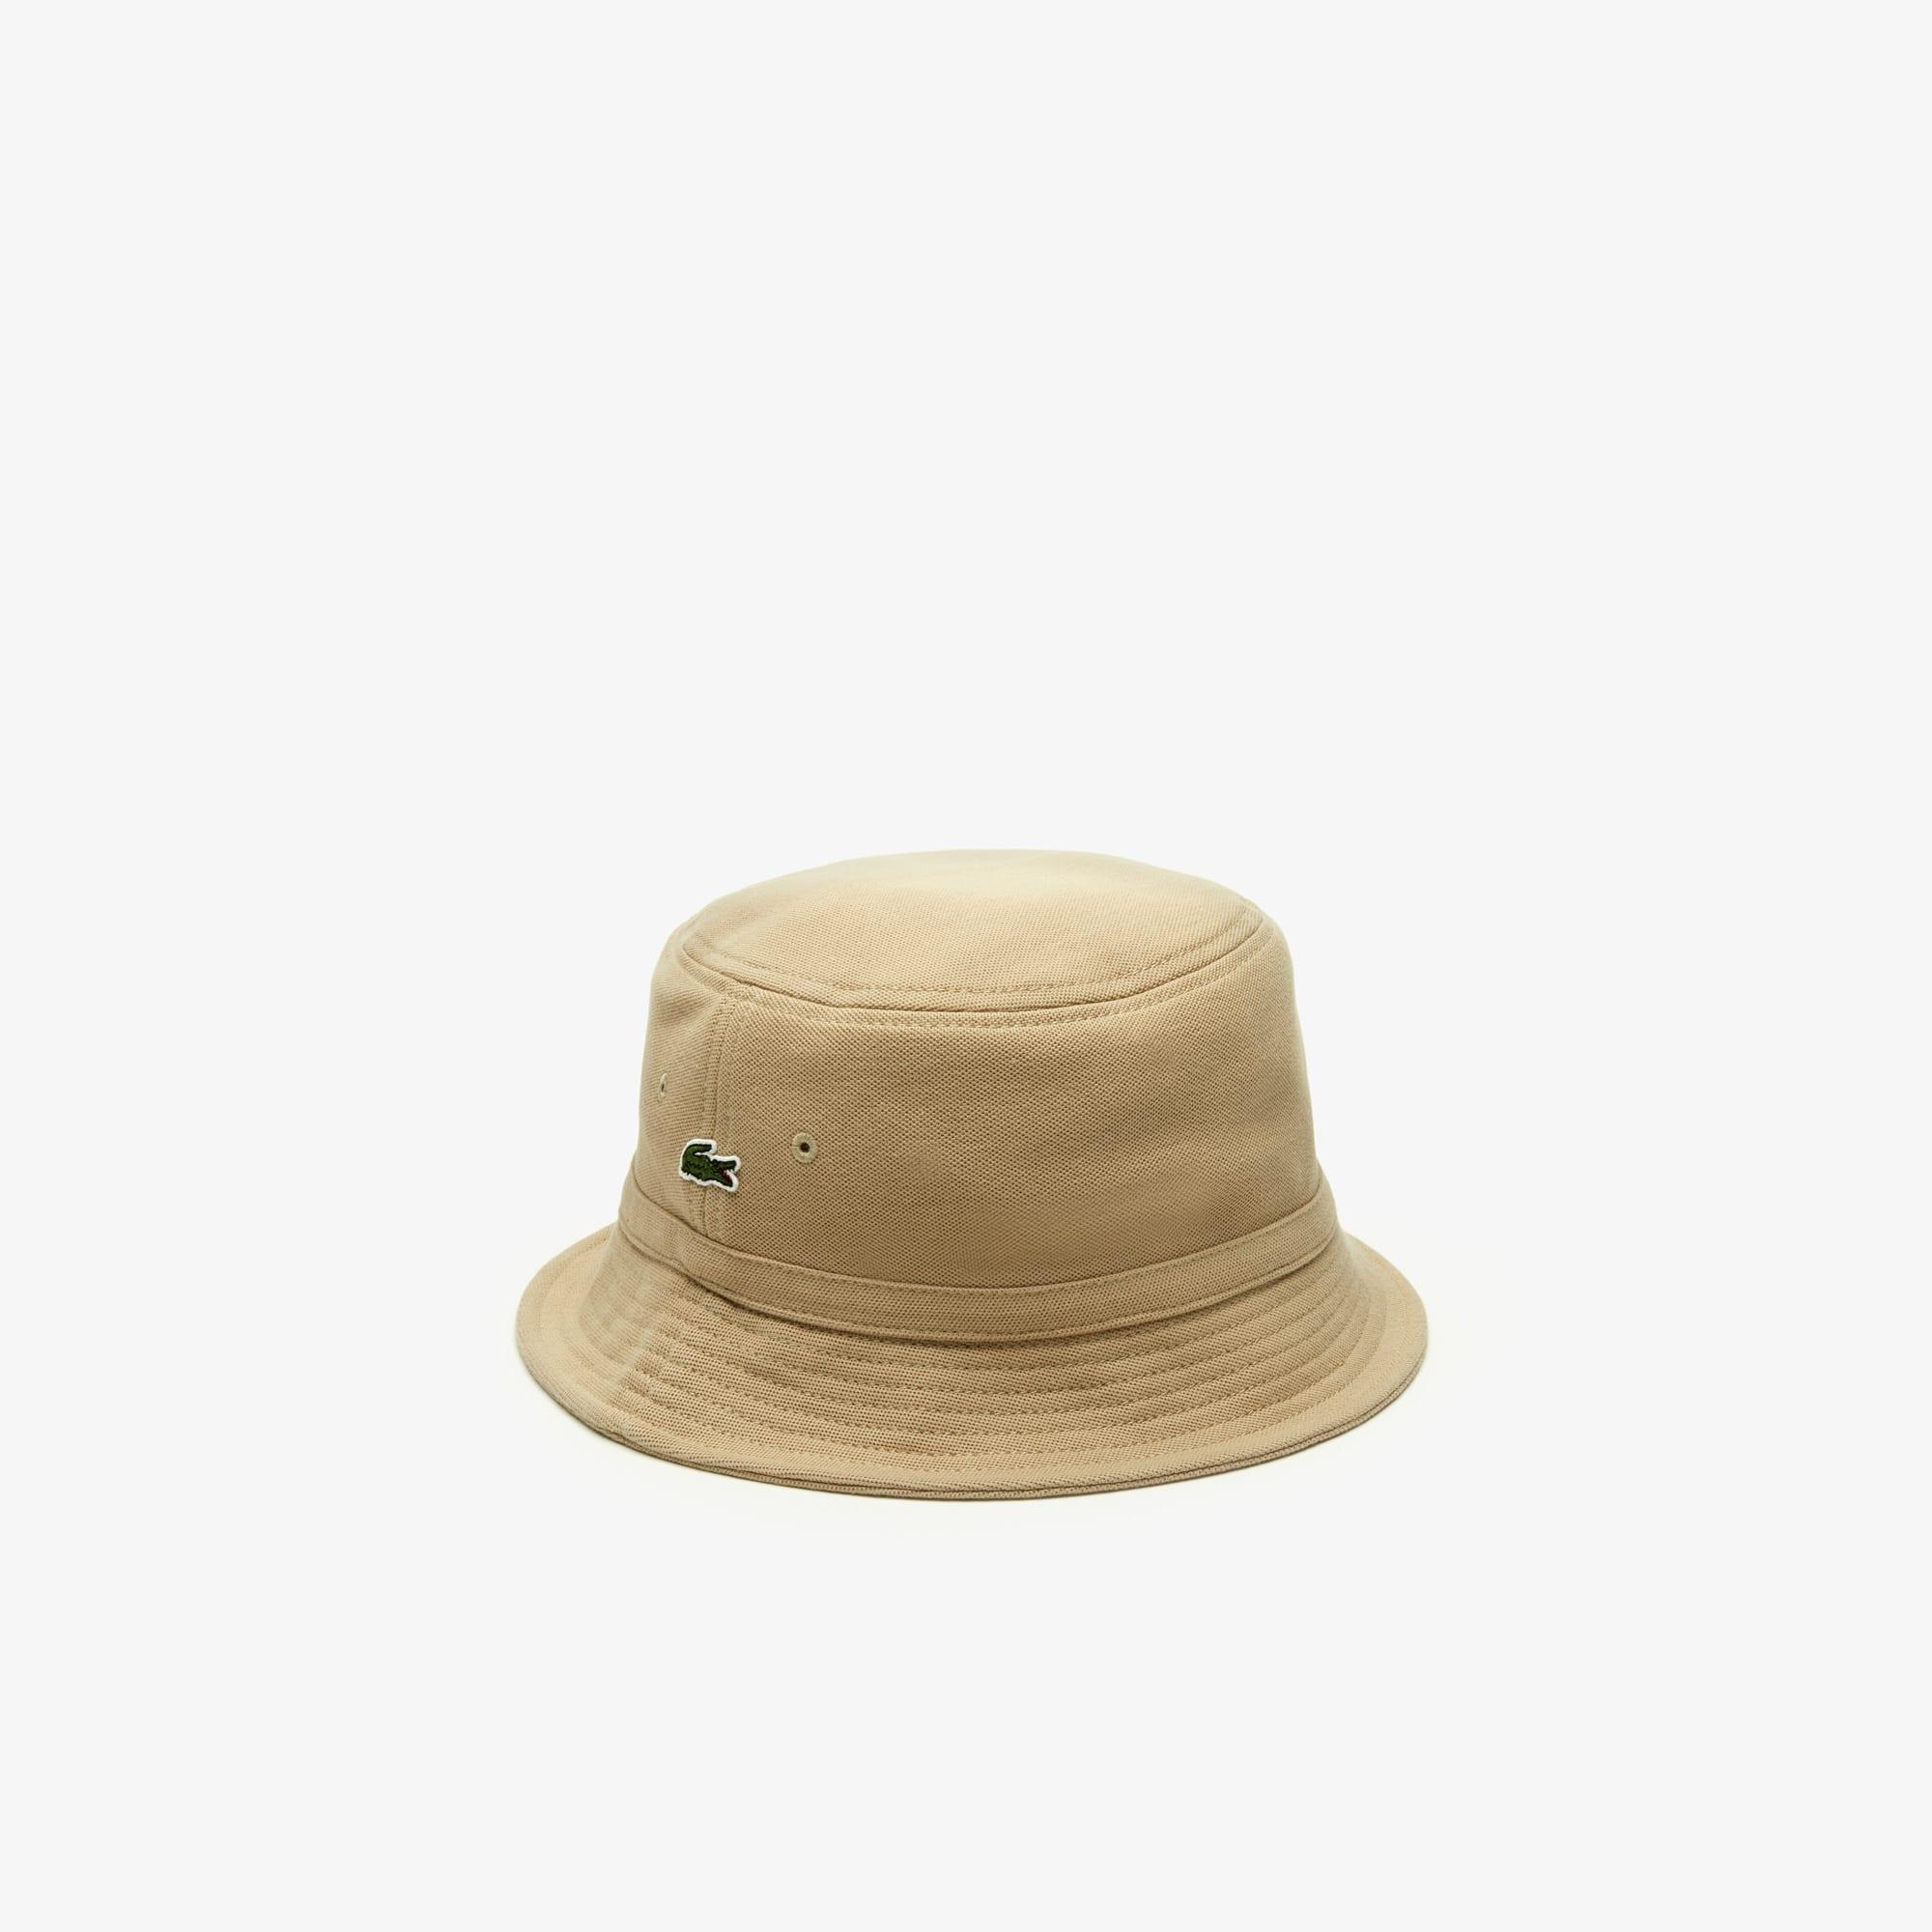 Chapeaux   Casquettes   Accessoires Homme   LACOSTE 9c3ead3a070